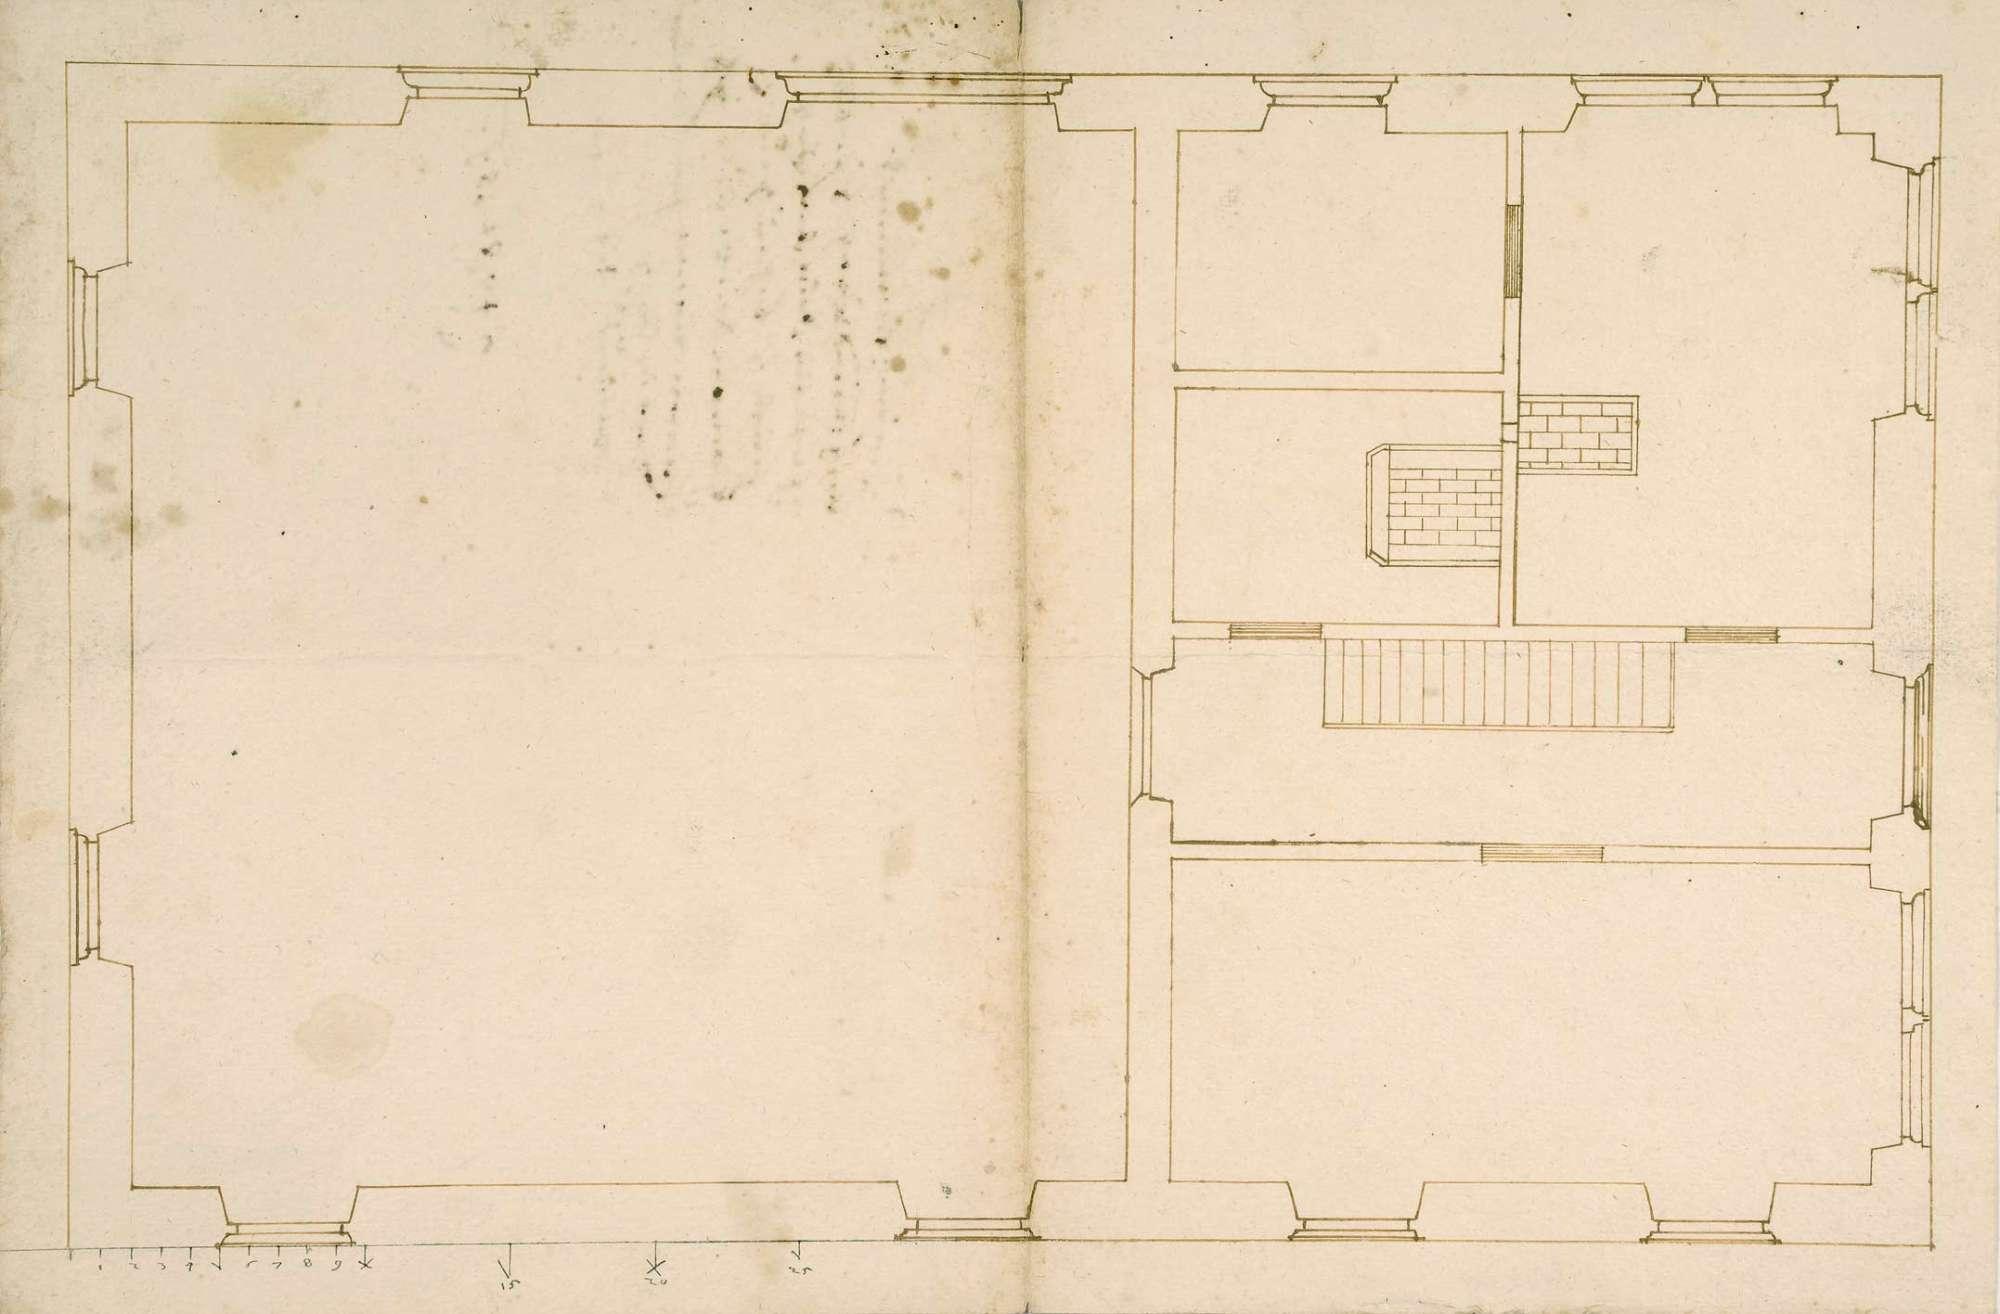 Grundriss vom Haus des Rotschmieds, gefertigt für Schickhardt von Kilian Kesenbrot, auf starkem Papier (Folio Doppelblatt), Bild 2